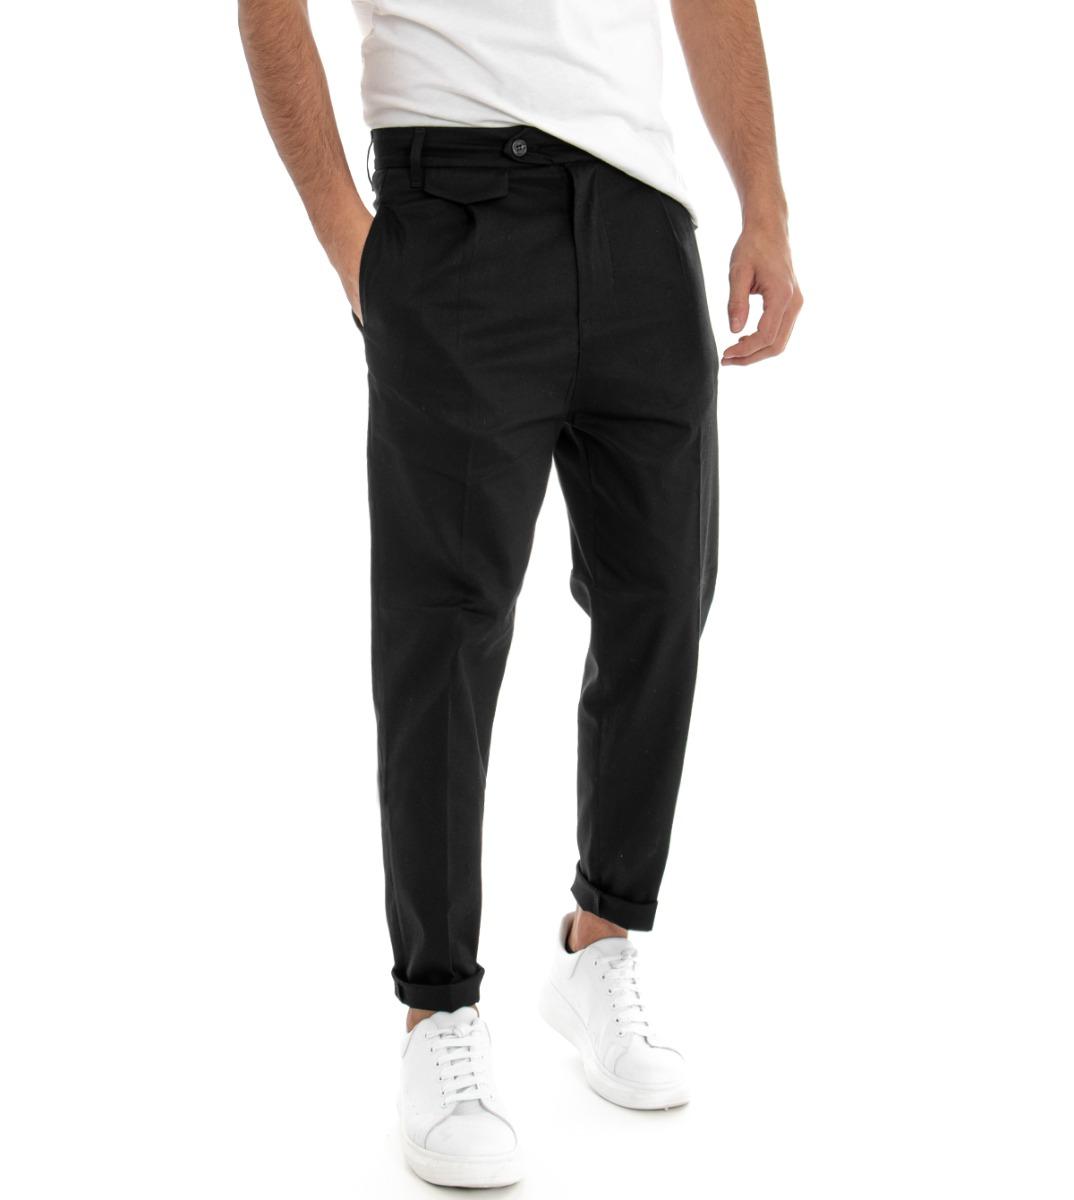 Cosciente Pantalone Uomo Tinta Unita Nero Tasca America Pence Casual Giosal